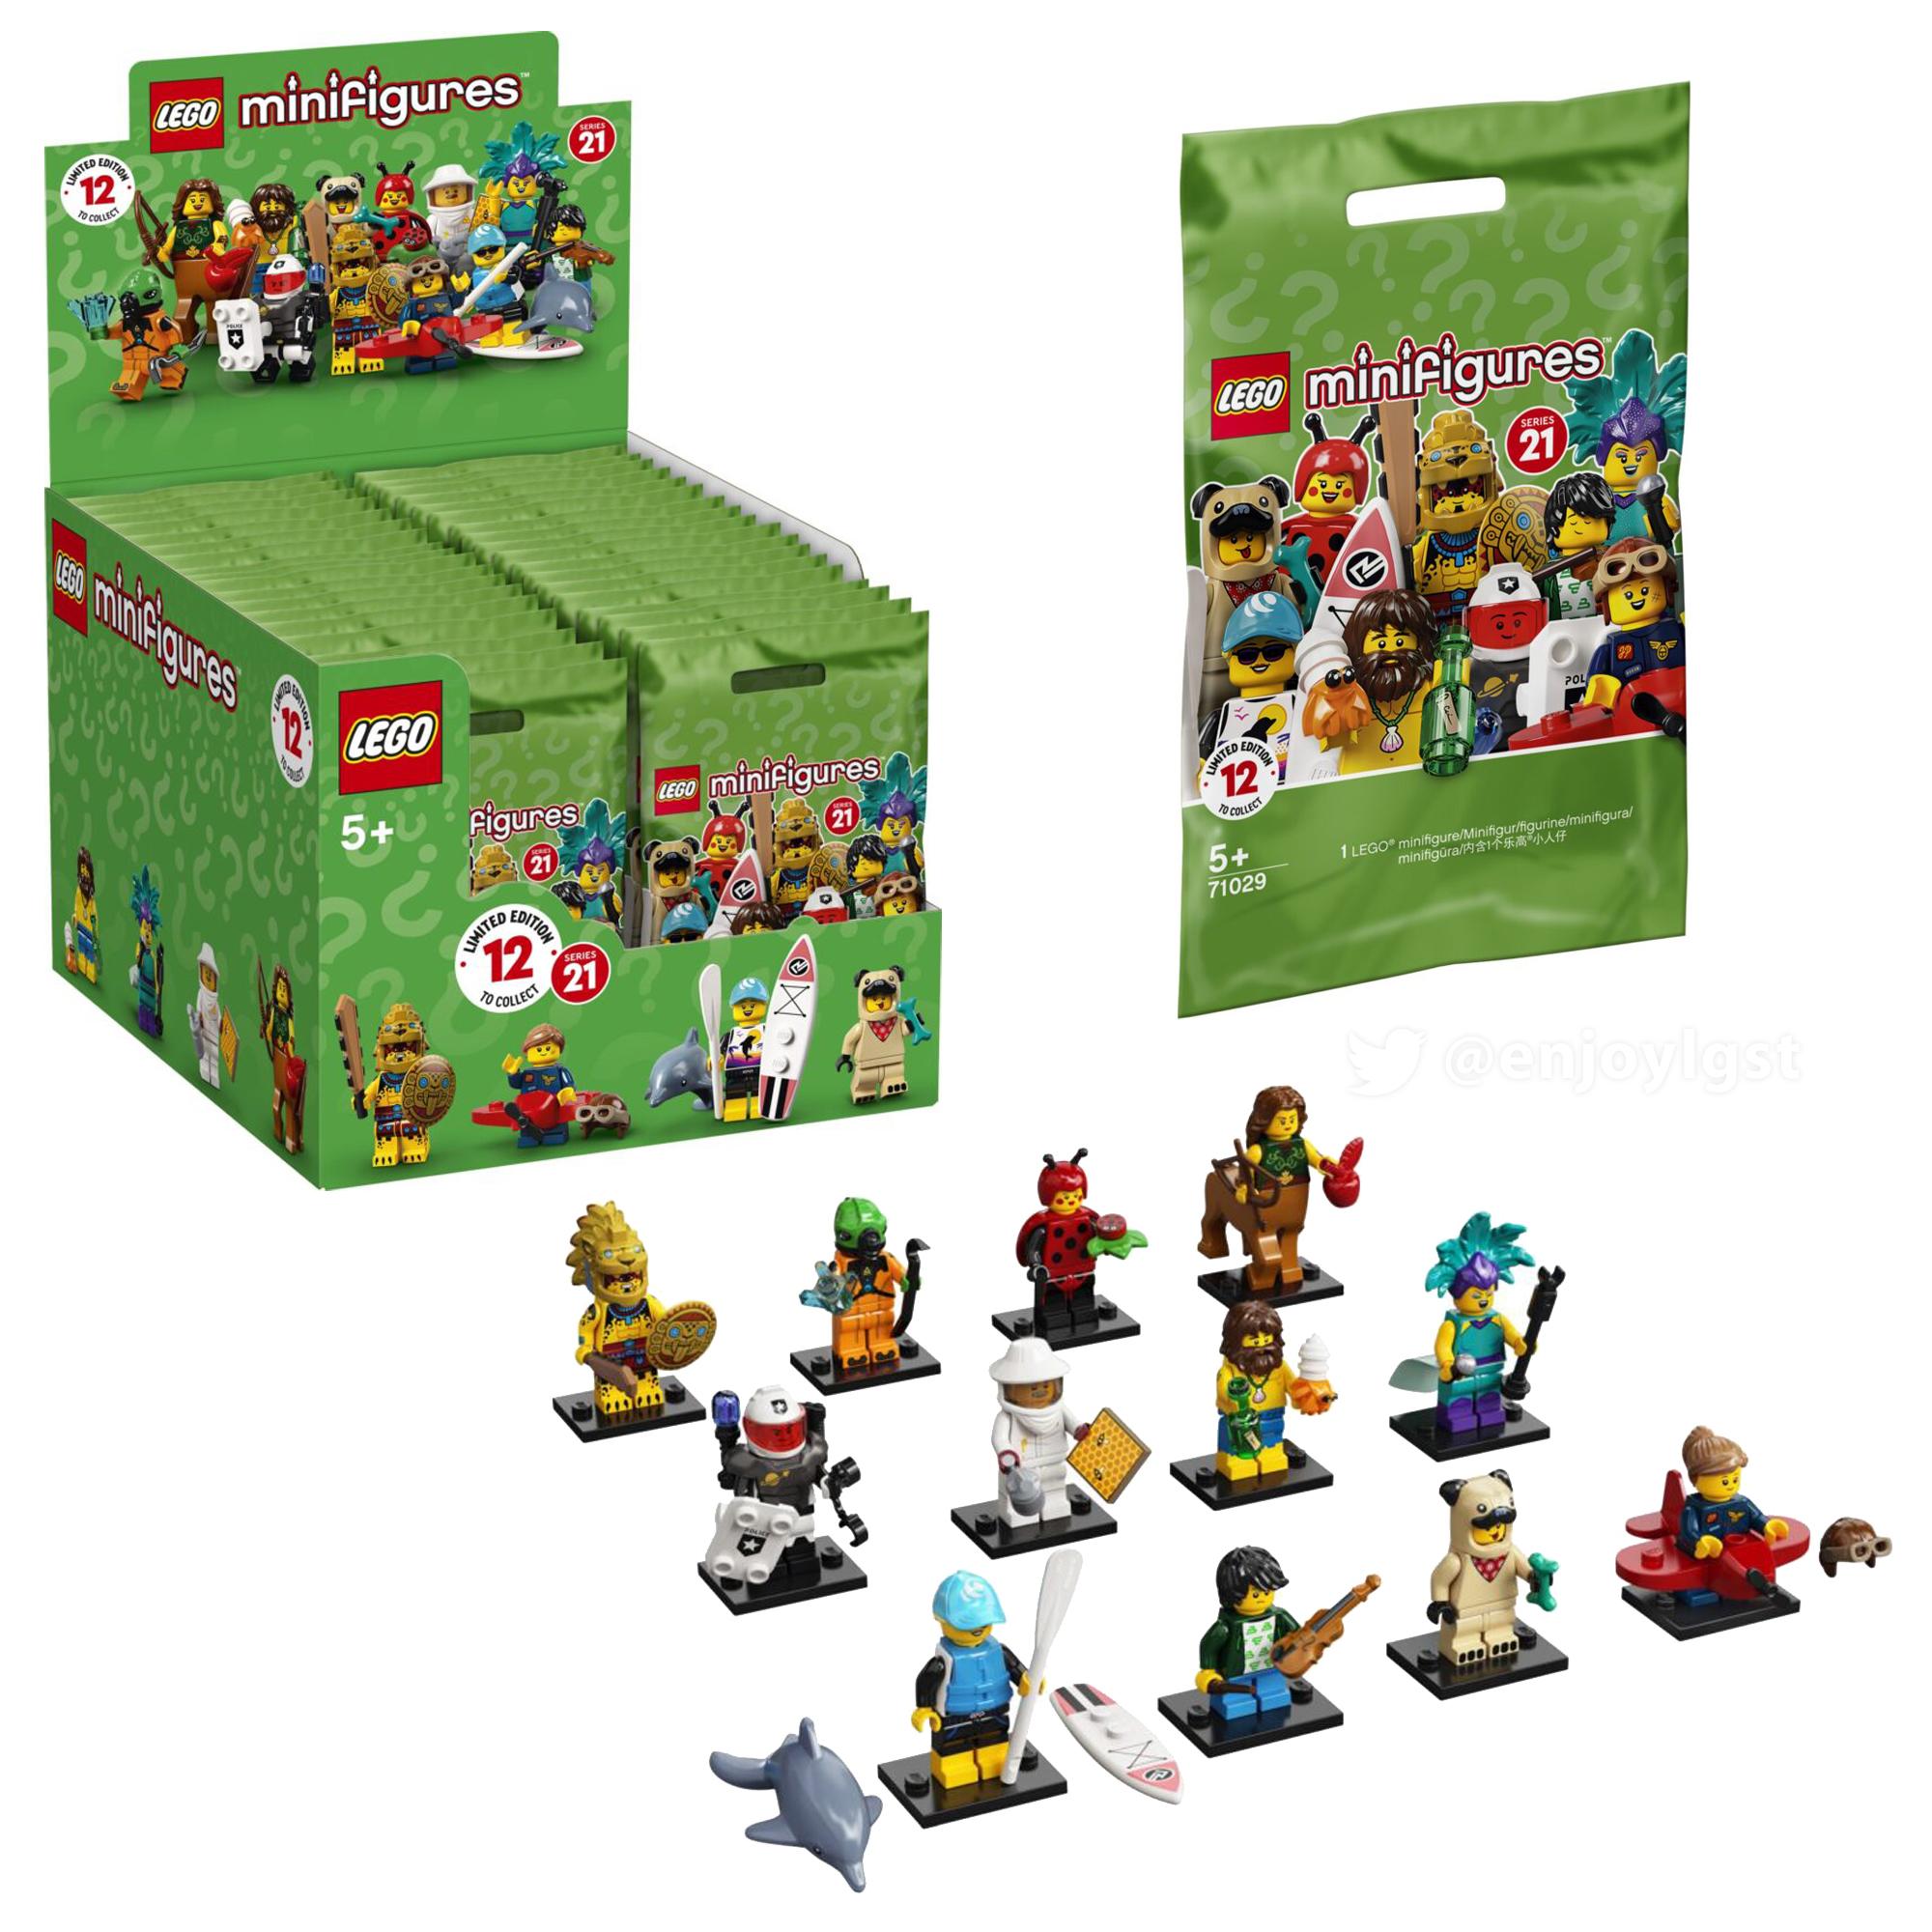 2021年1月1日(金)発売濃厚!レゴ 71029 ミニフィグシリーズ21新製品情報